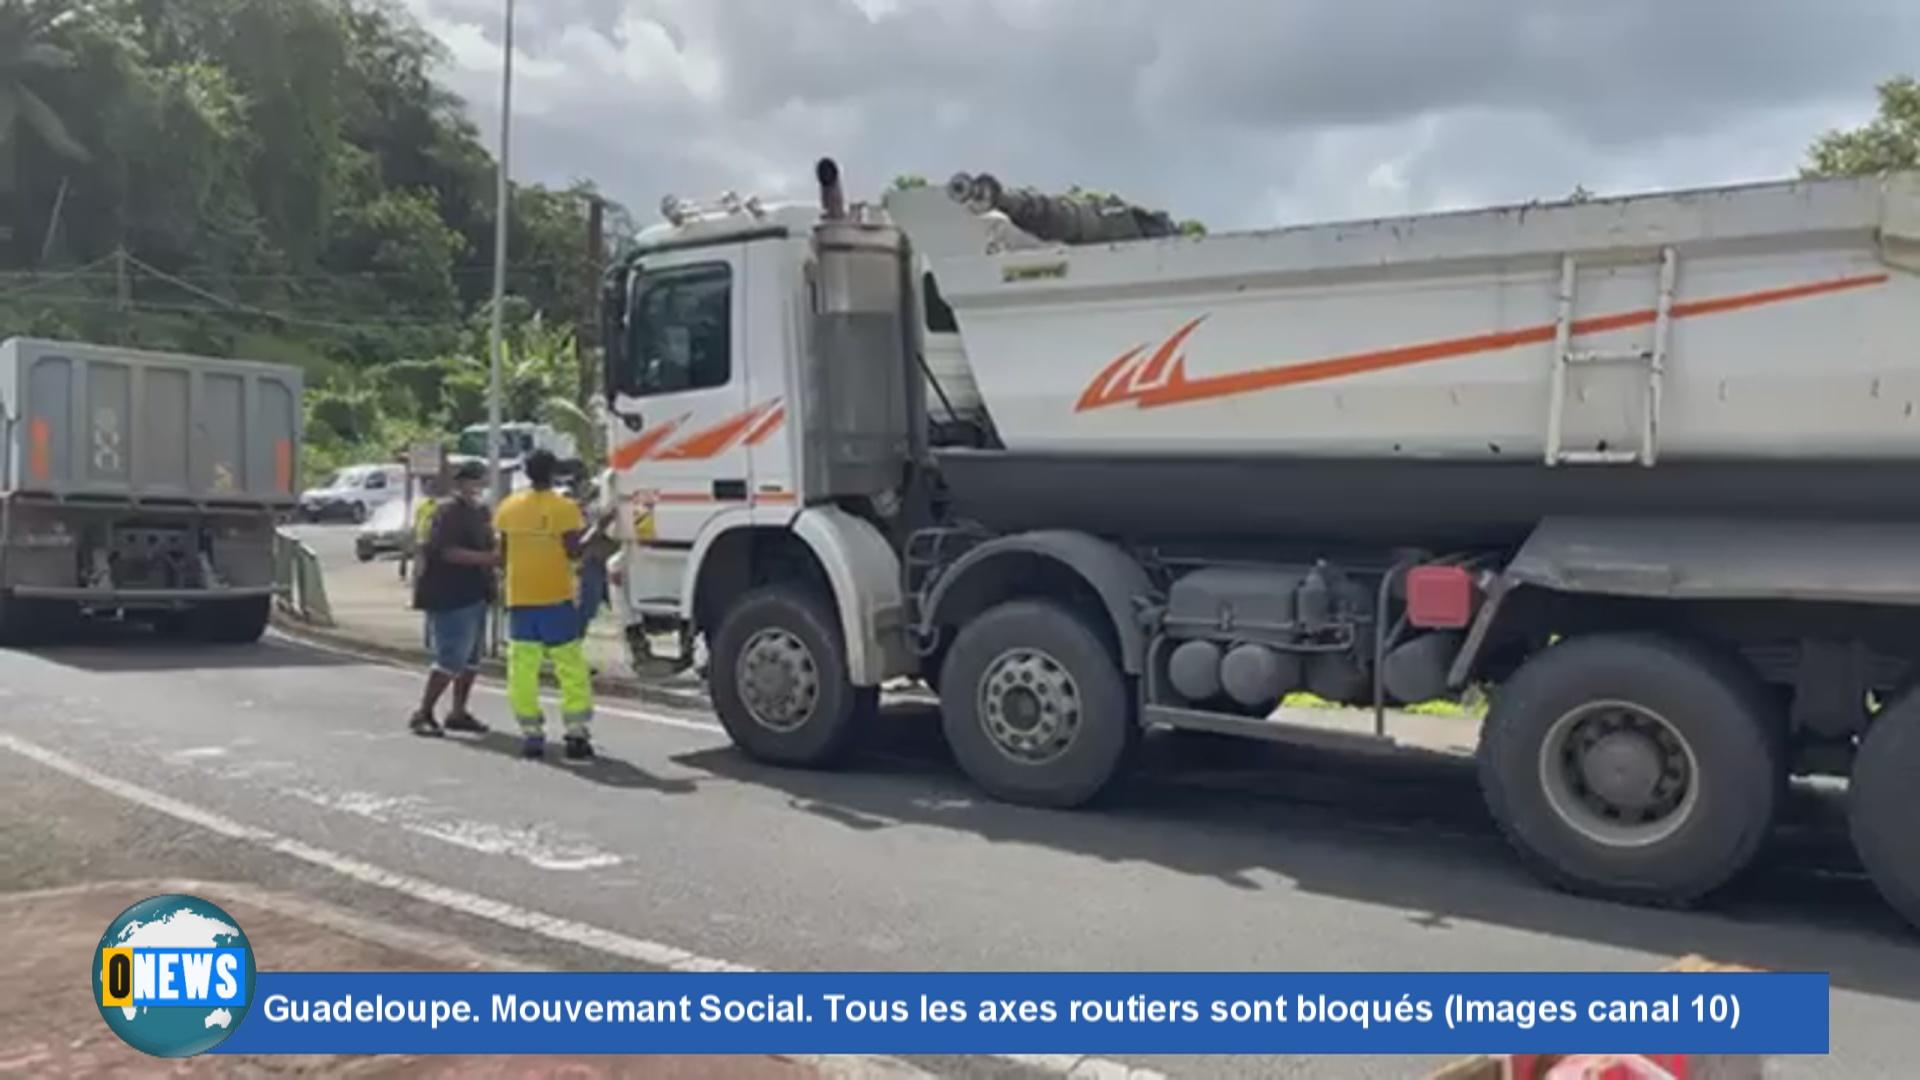 [Vidéo] Onews Guadeloupe. Flash spécial sur le blocage des axes routiers. Réaction de Jean Yves RAMASSAMY